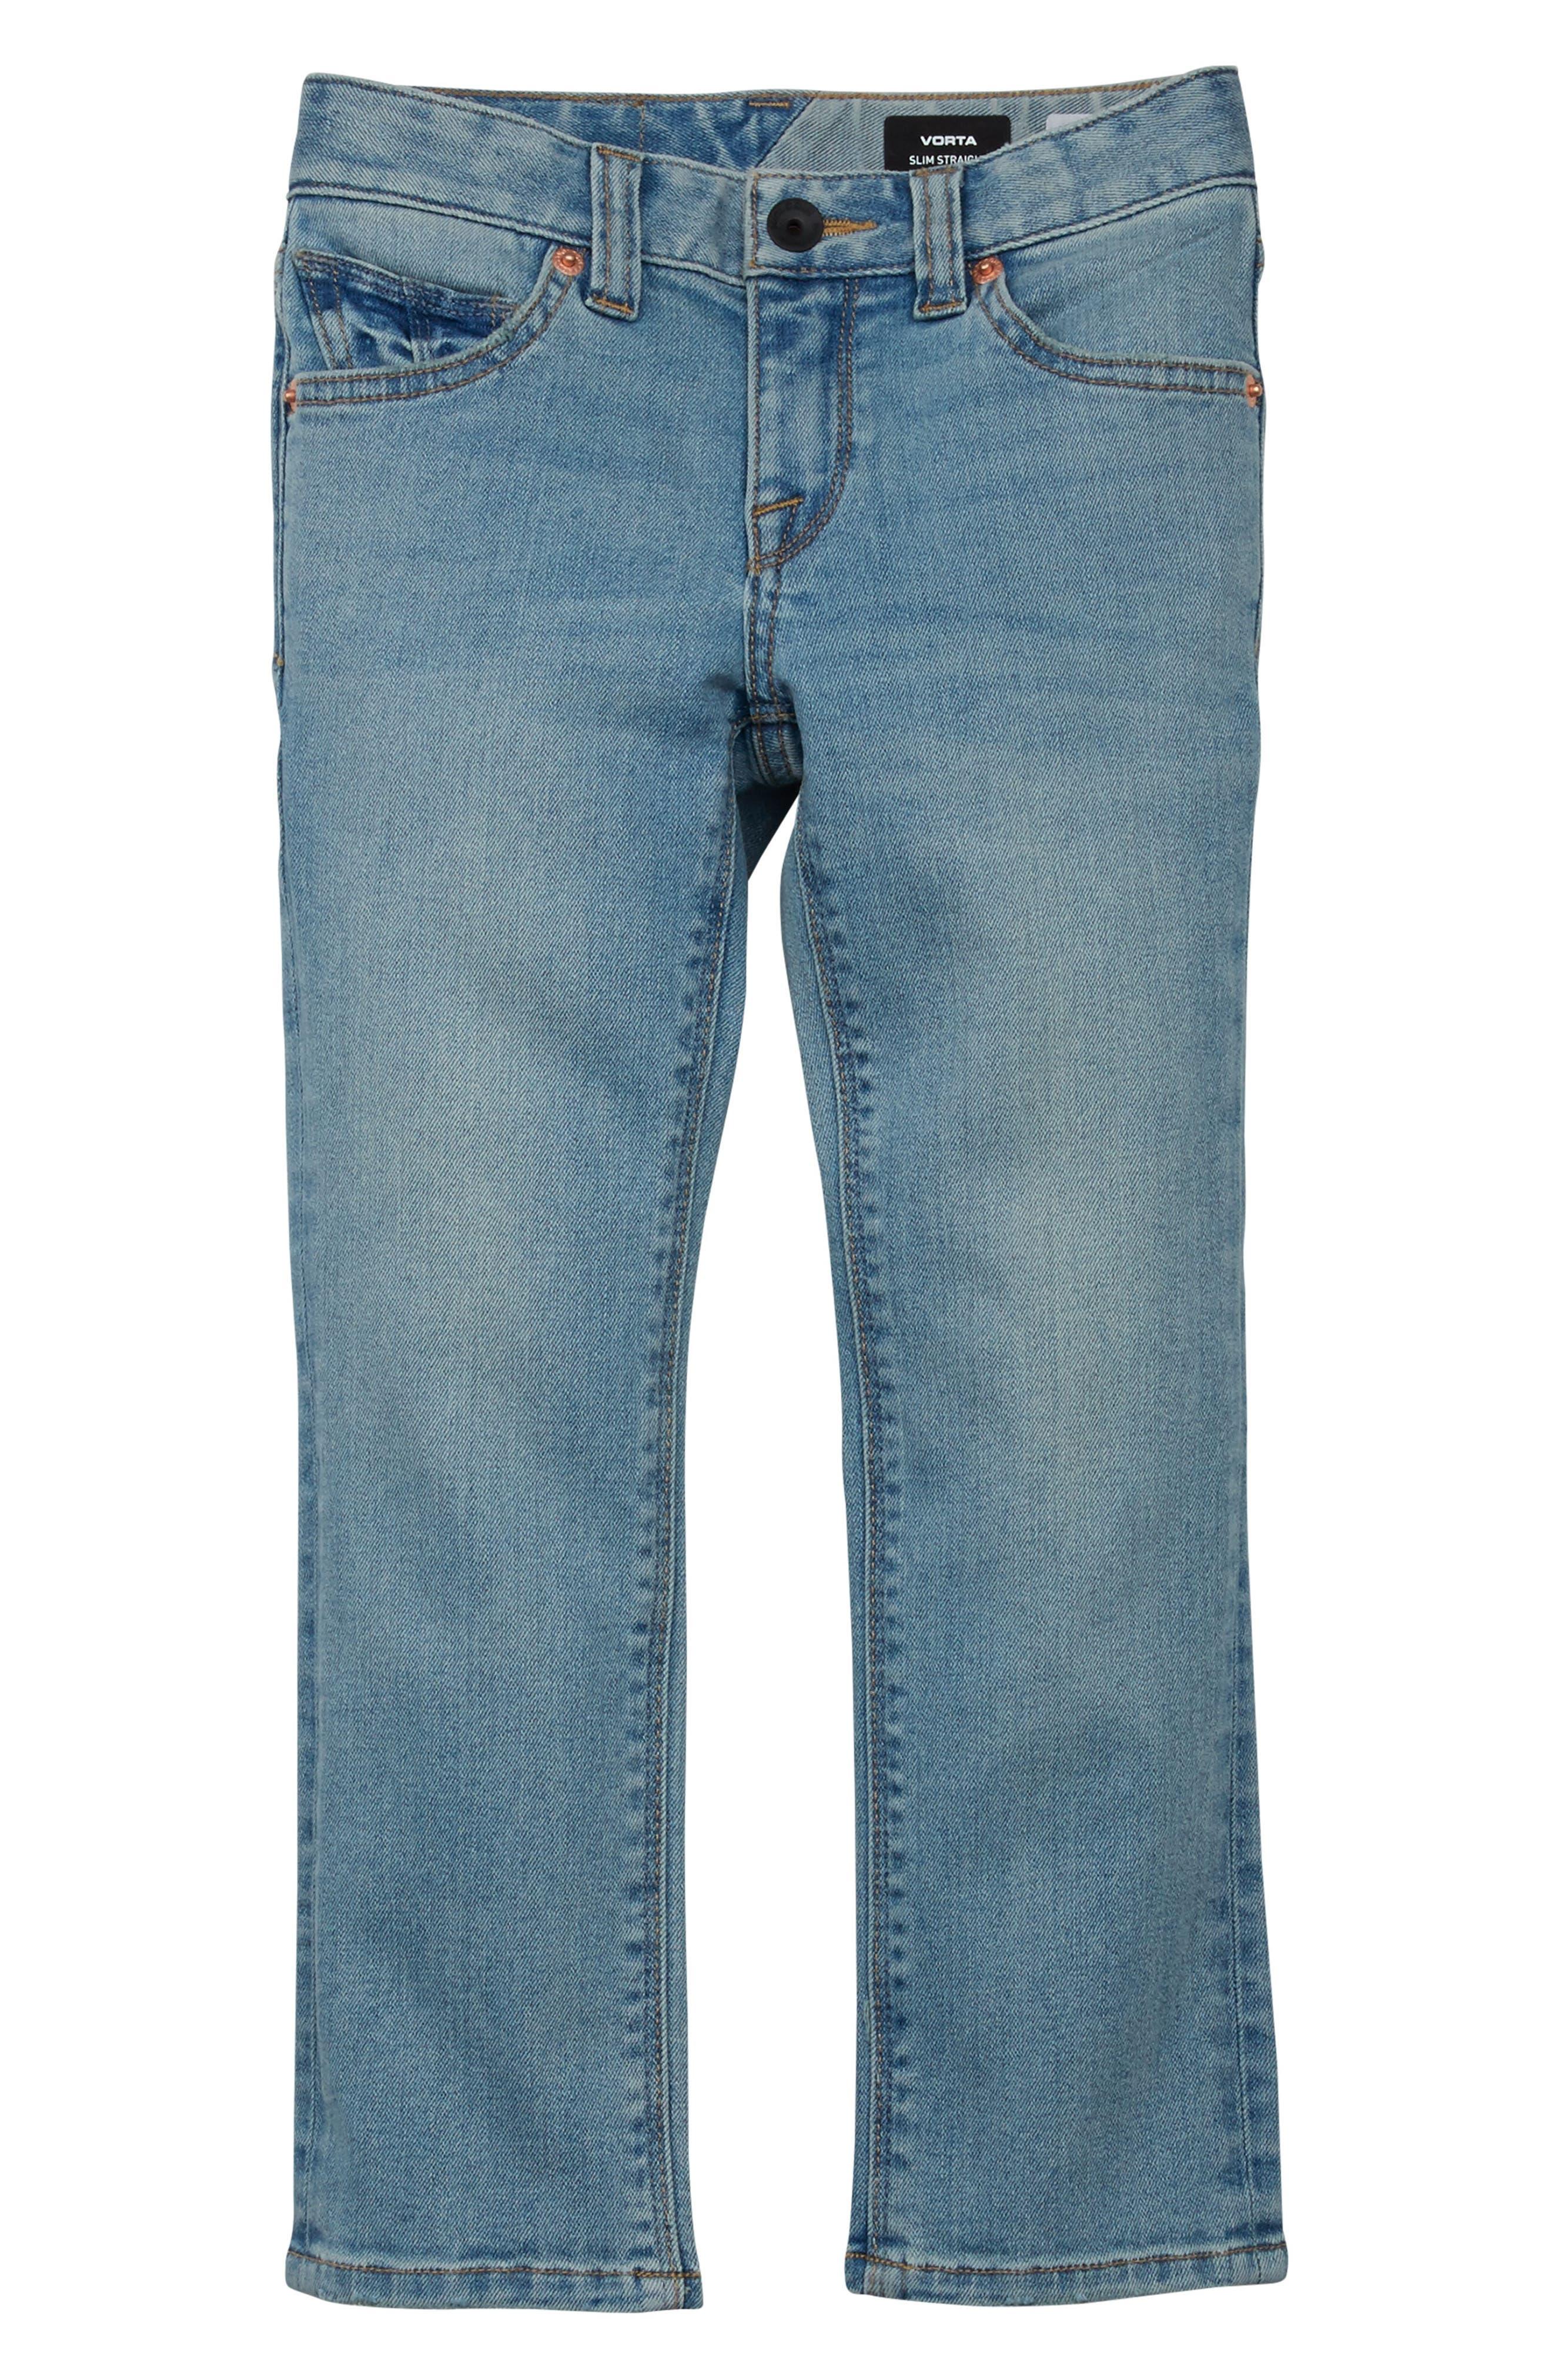 Vorta Slim Fit Jeans,                         Main,                         color, STONELIGHT